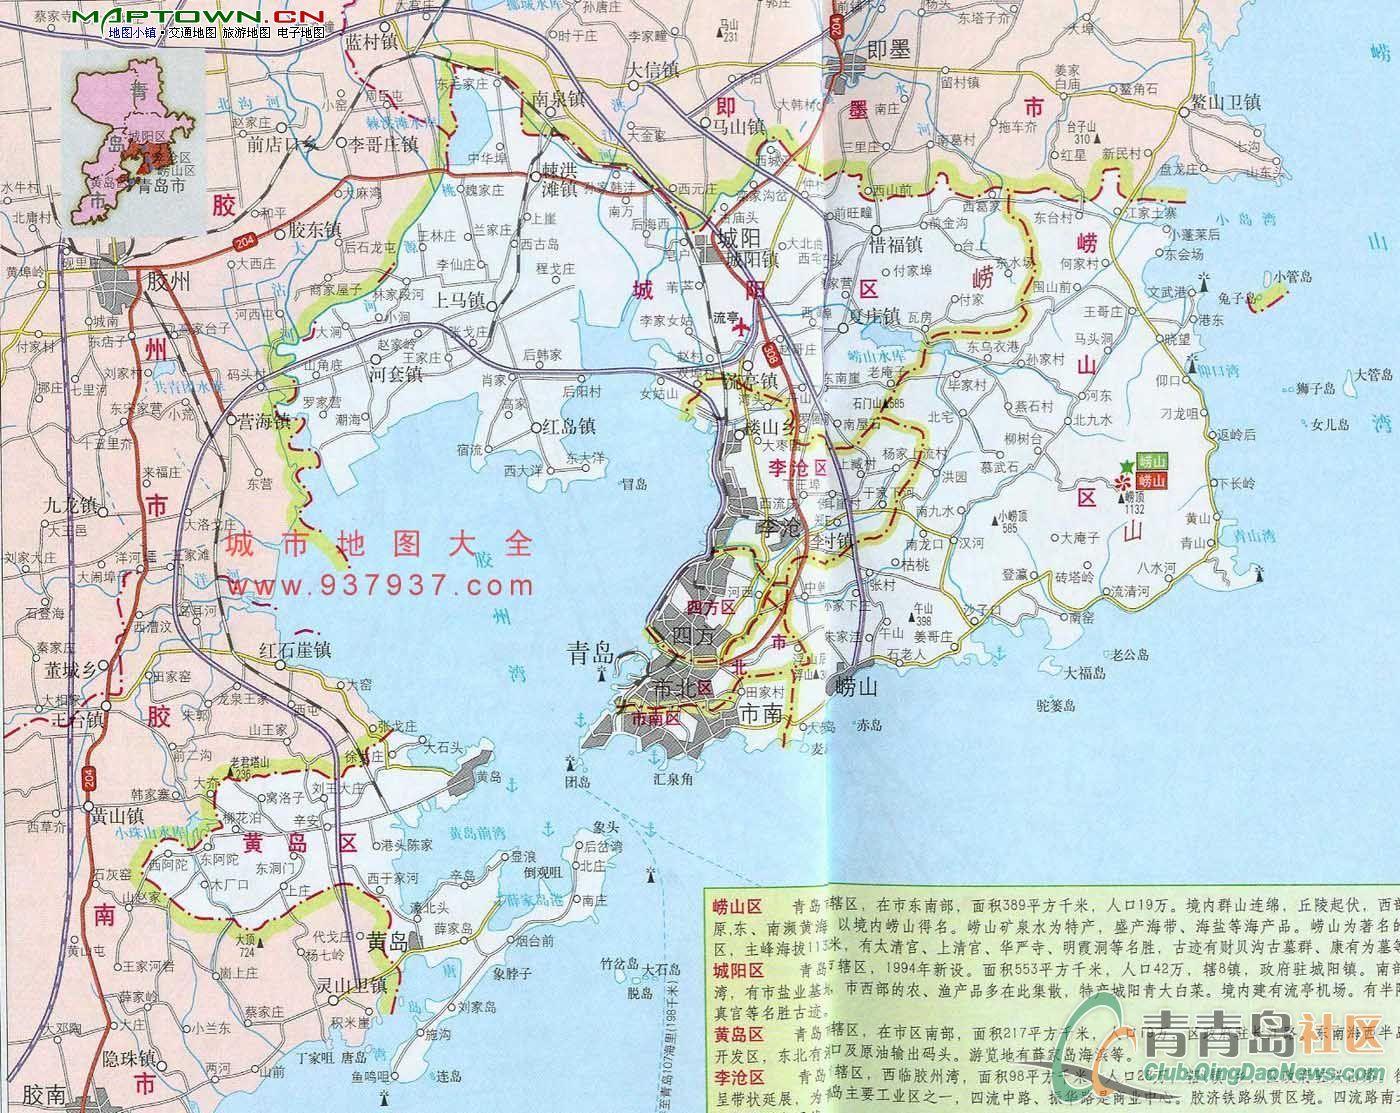 如果我们看青岛的地图